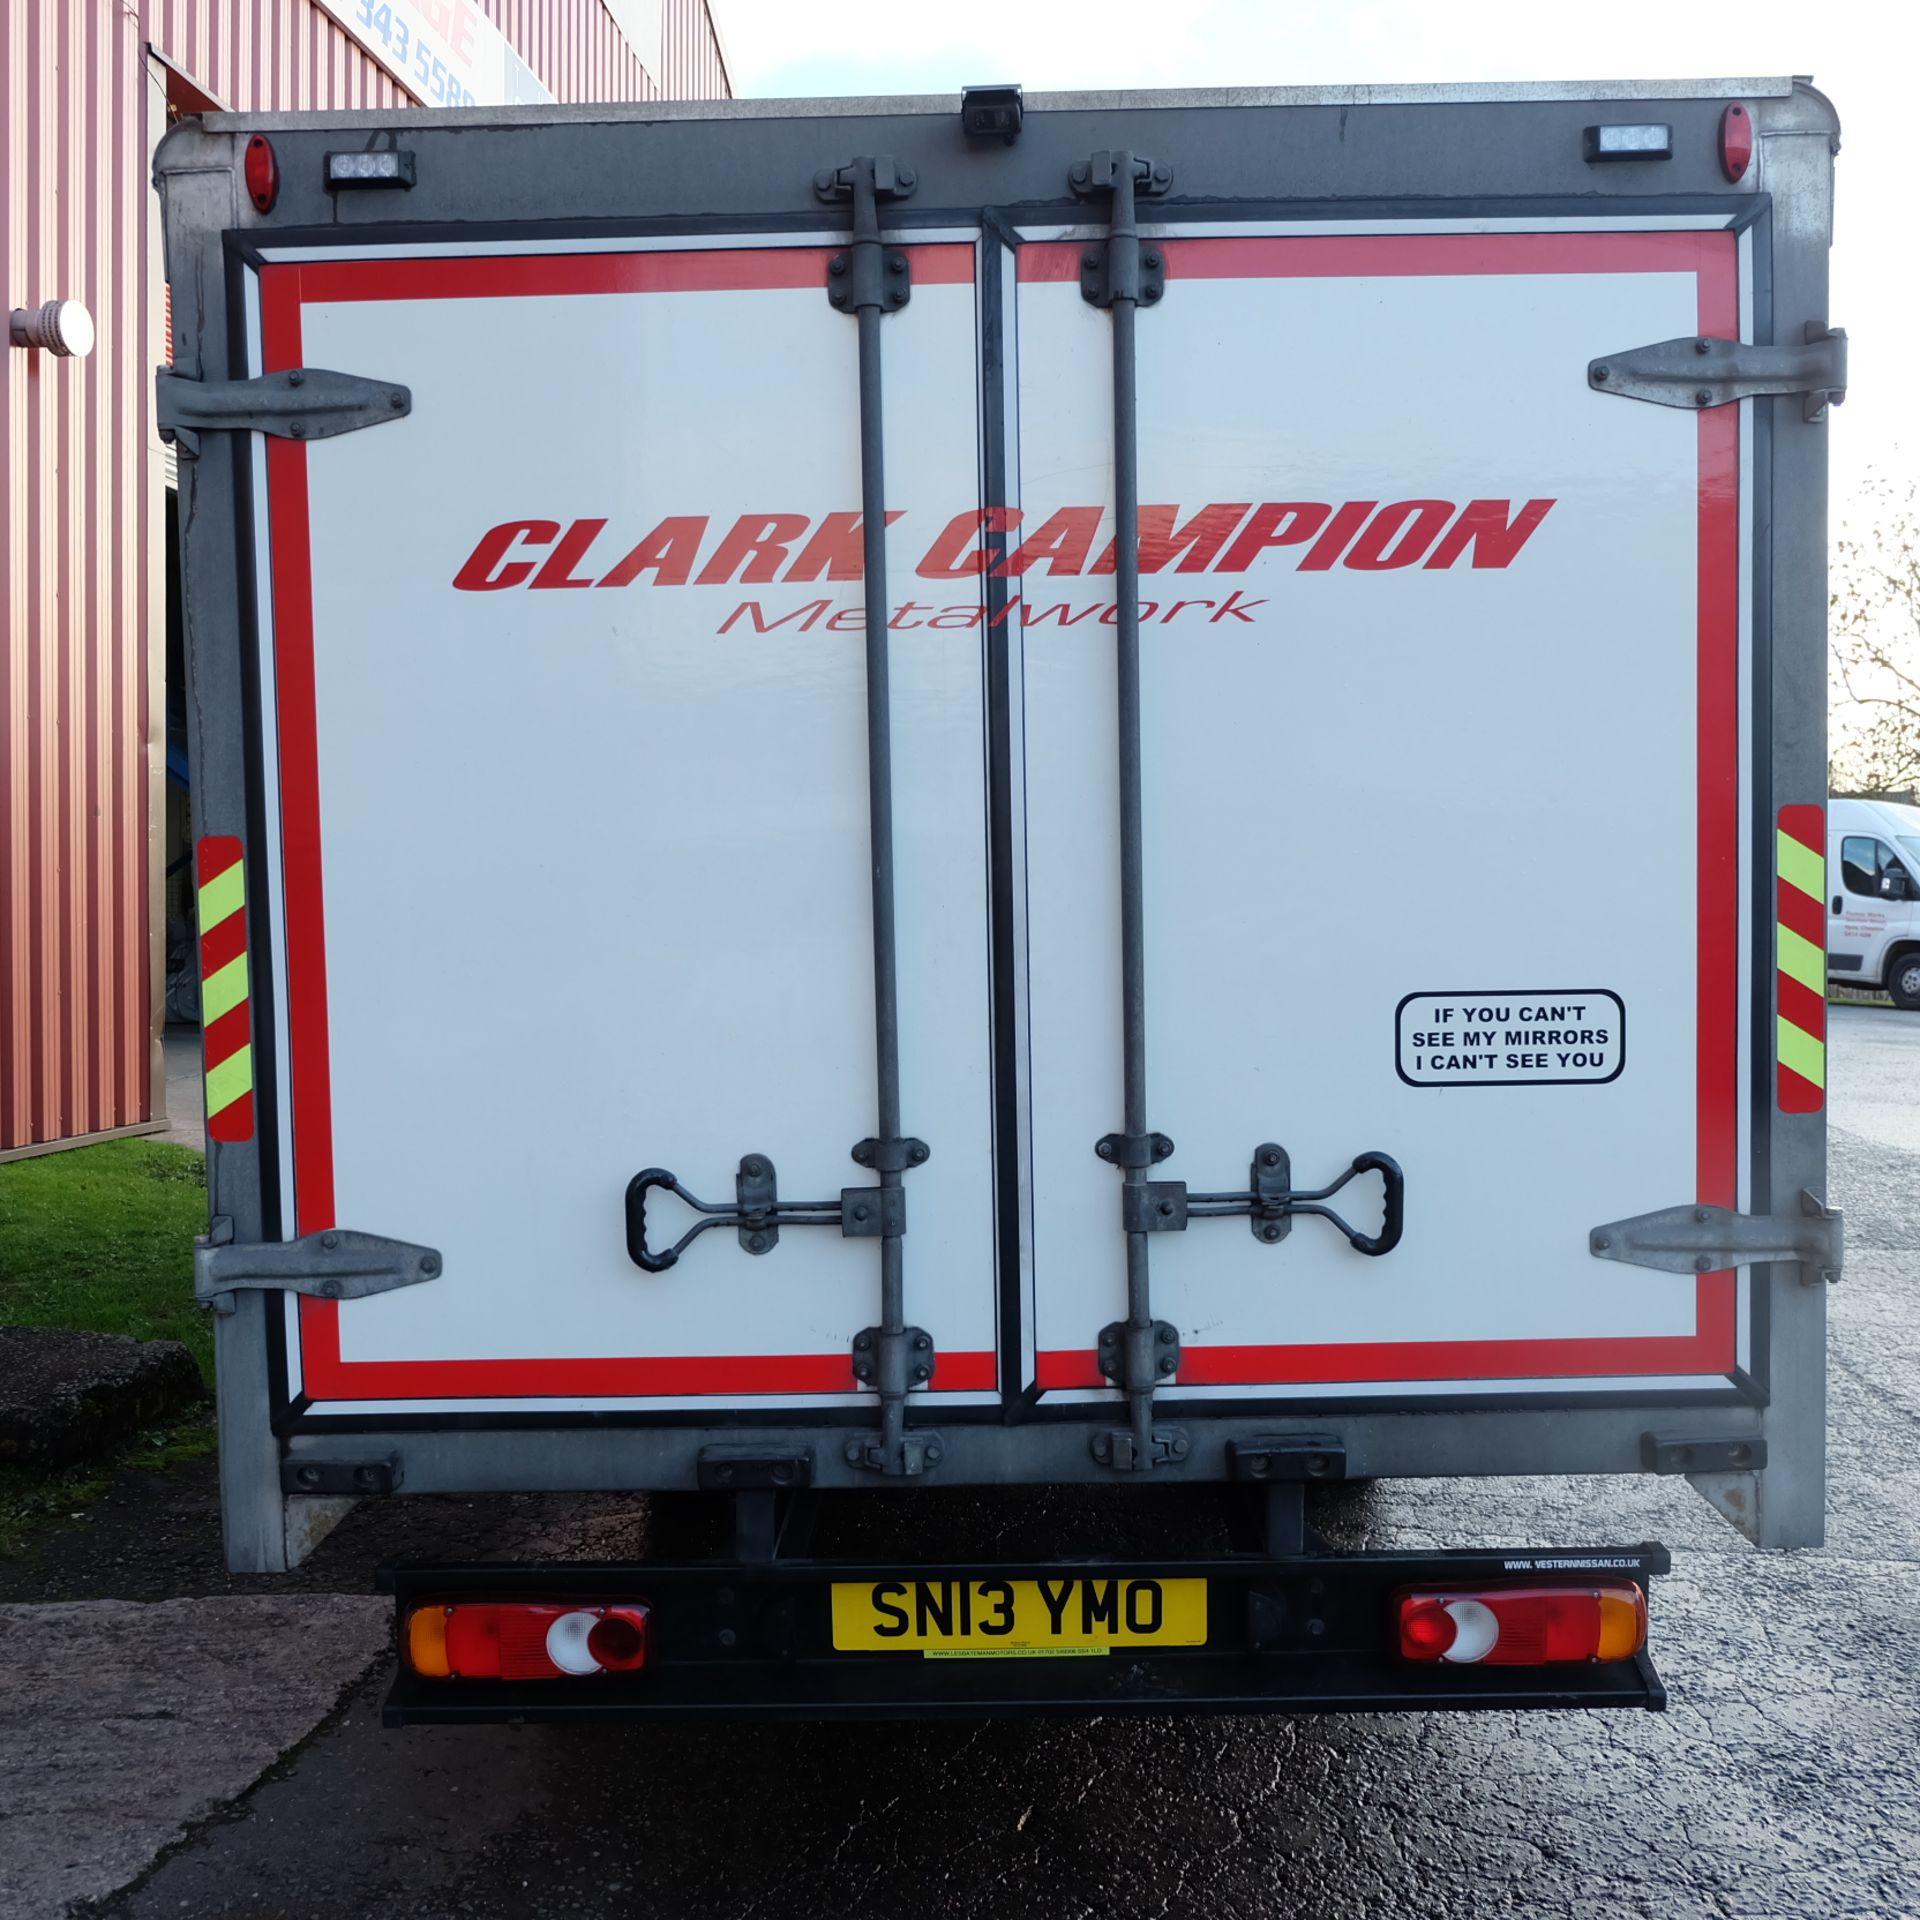 NISSAN CABSTAR 35.14 Rigid Bodied Curtain Truck. 3500KG Gross Weight. Sat Nav, Reversing Camera. - Image 5 of 14